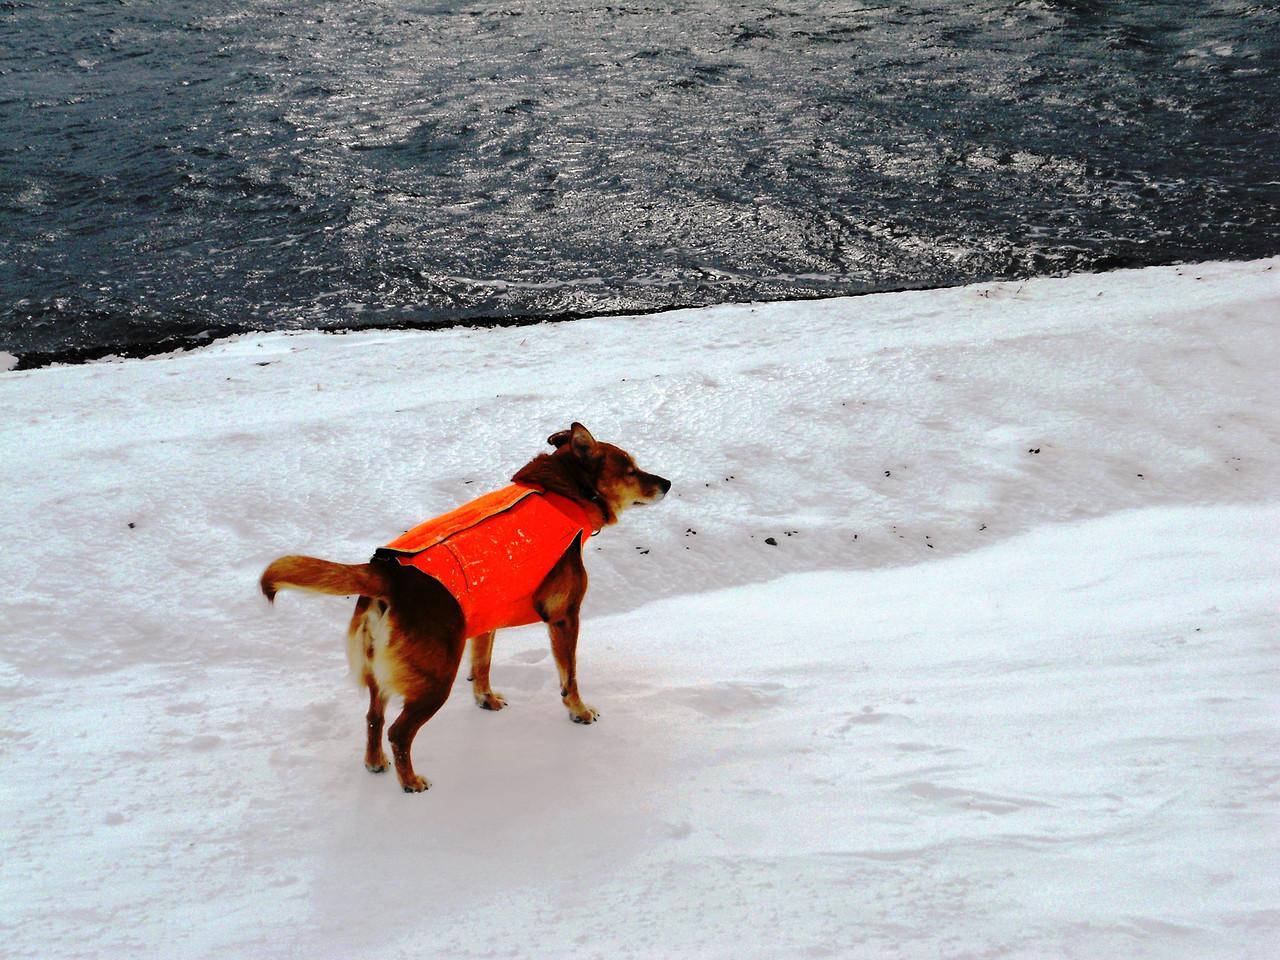 3-14-14  Snowy Mesa,  Zachar Bay AK 003